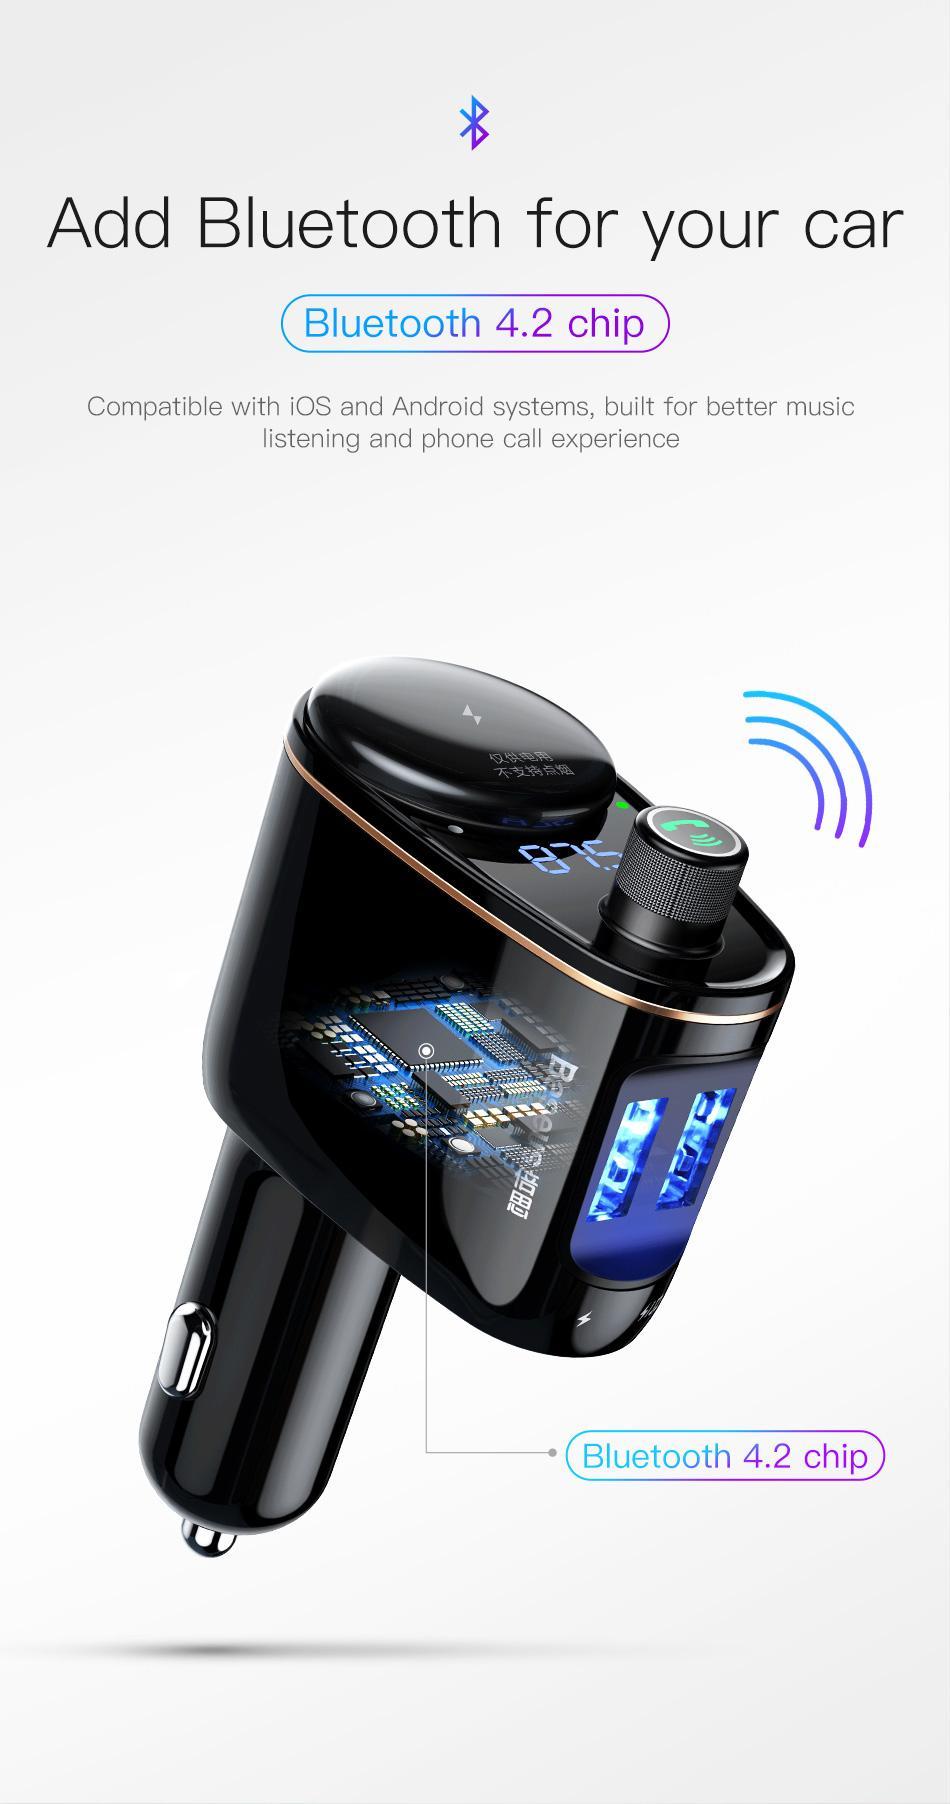 Car Baseus Bluetooth Chargeur Transmetteur FM MP3 Player voiture allume-cigare Splitter voiture chargeur de téléphone